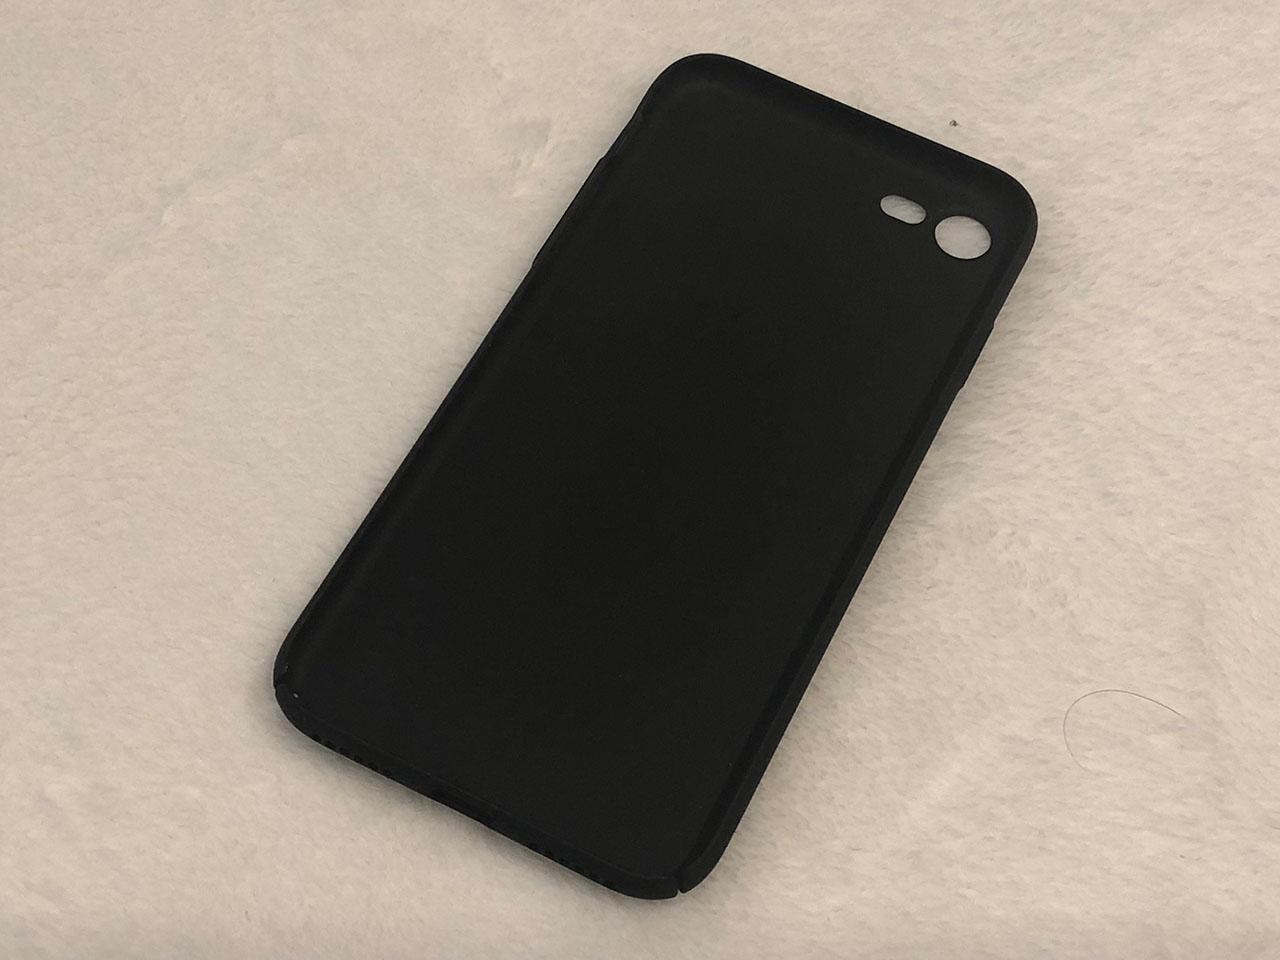 Dünne Hülle fürs iPhone 7